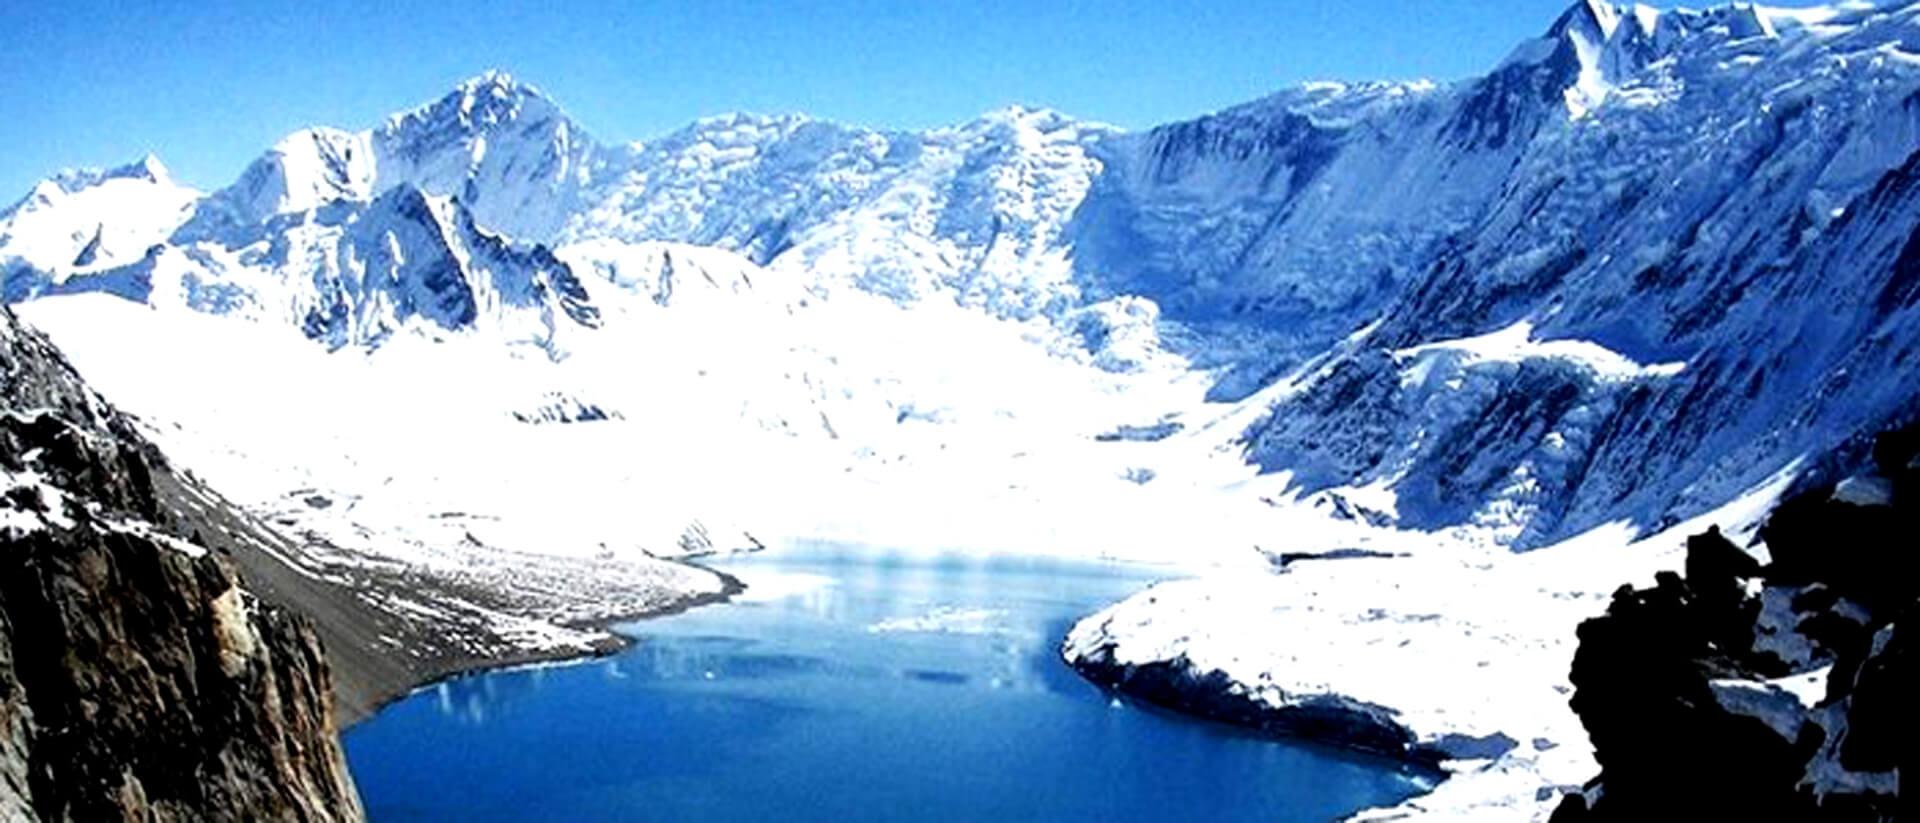 holy khaeri lake